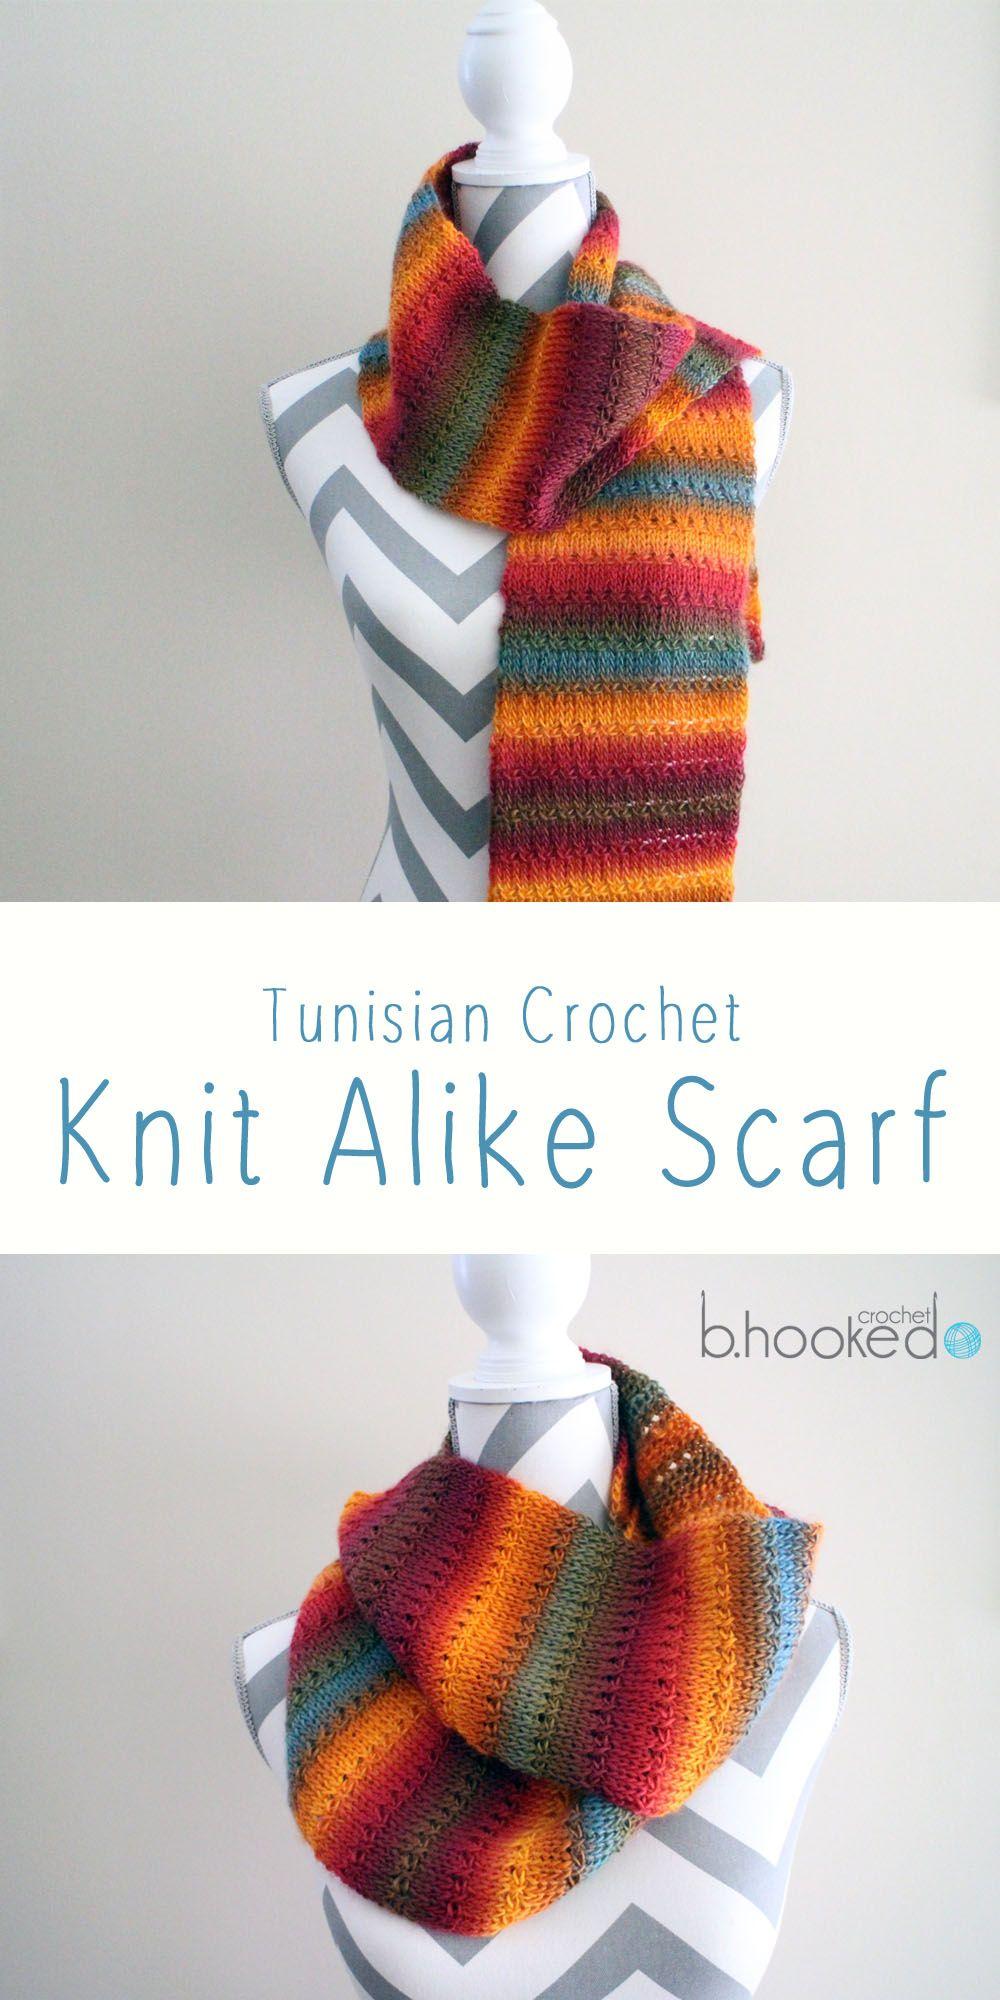 Knit Alike Tunisian Crochet Scarf - Free Pattern & Tutorial ...